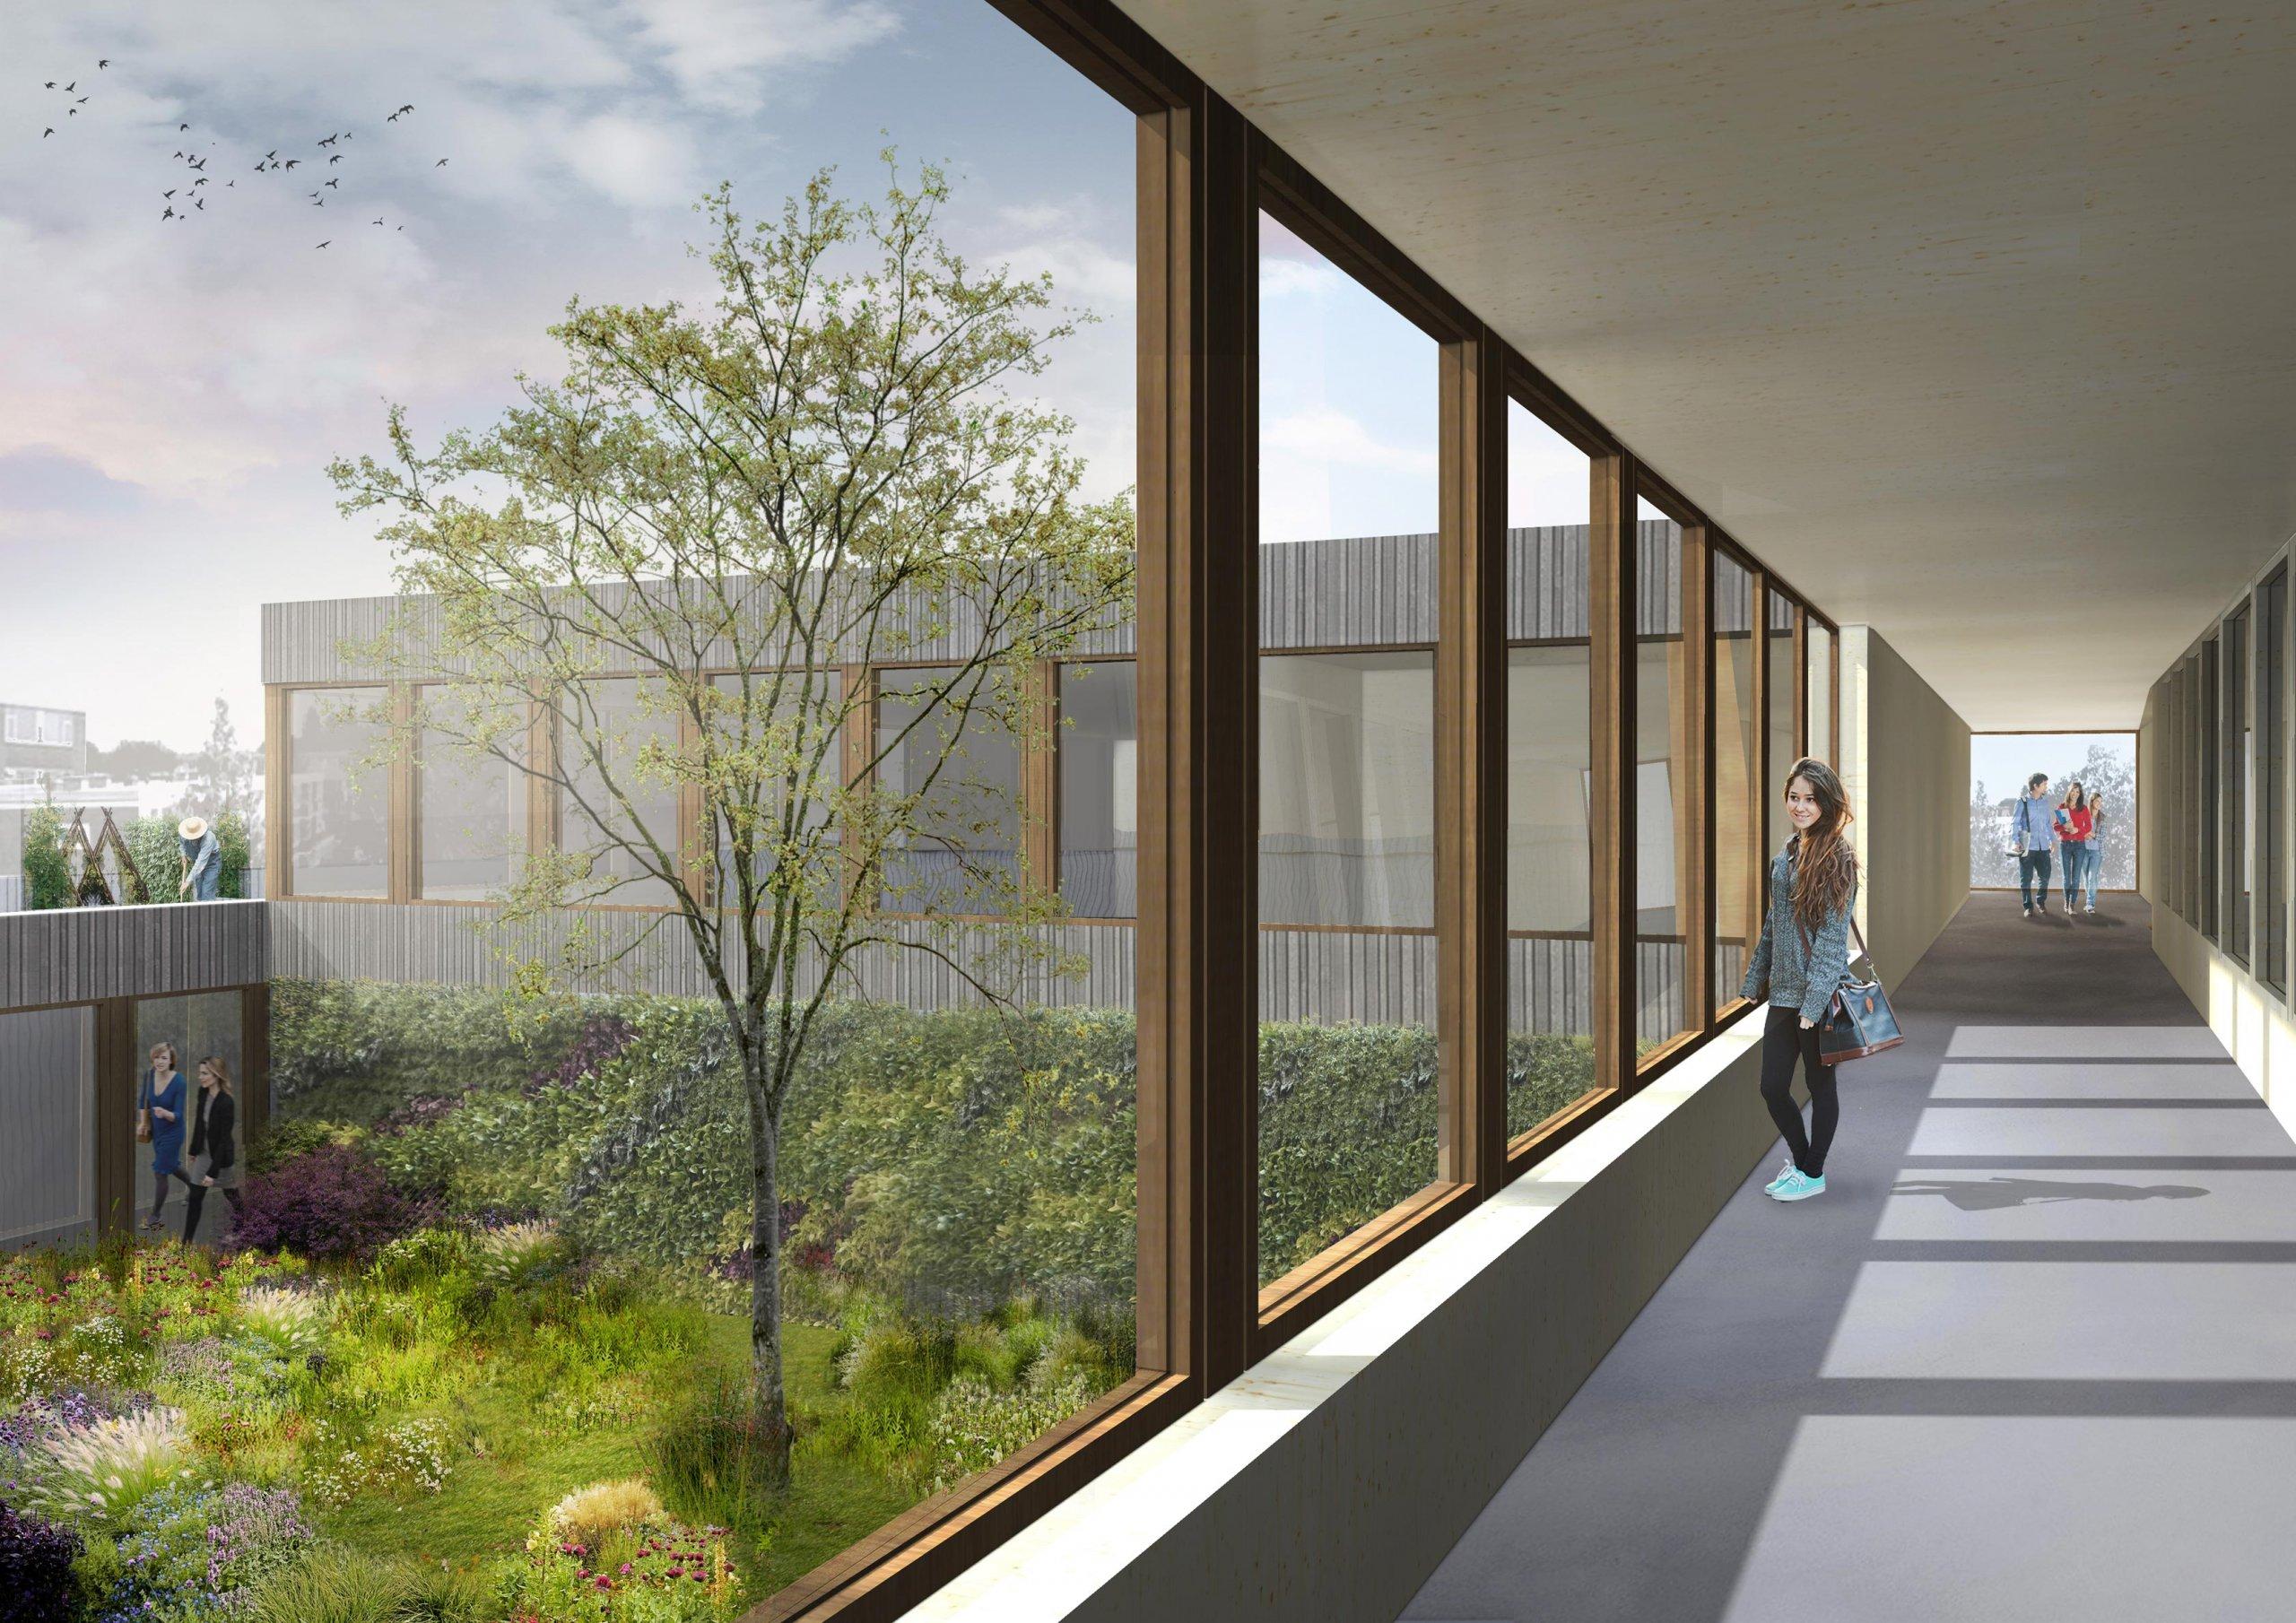 Interieur van Rudolf Steiner college in Haarlem, Provincie Noord-Holland